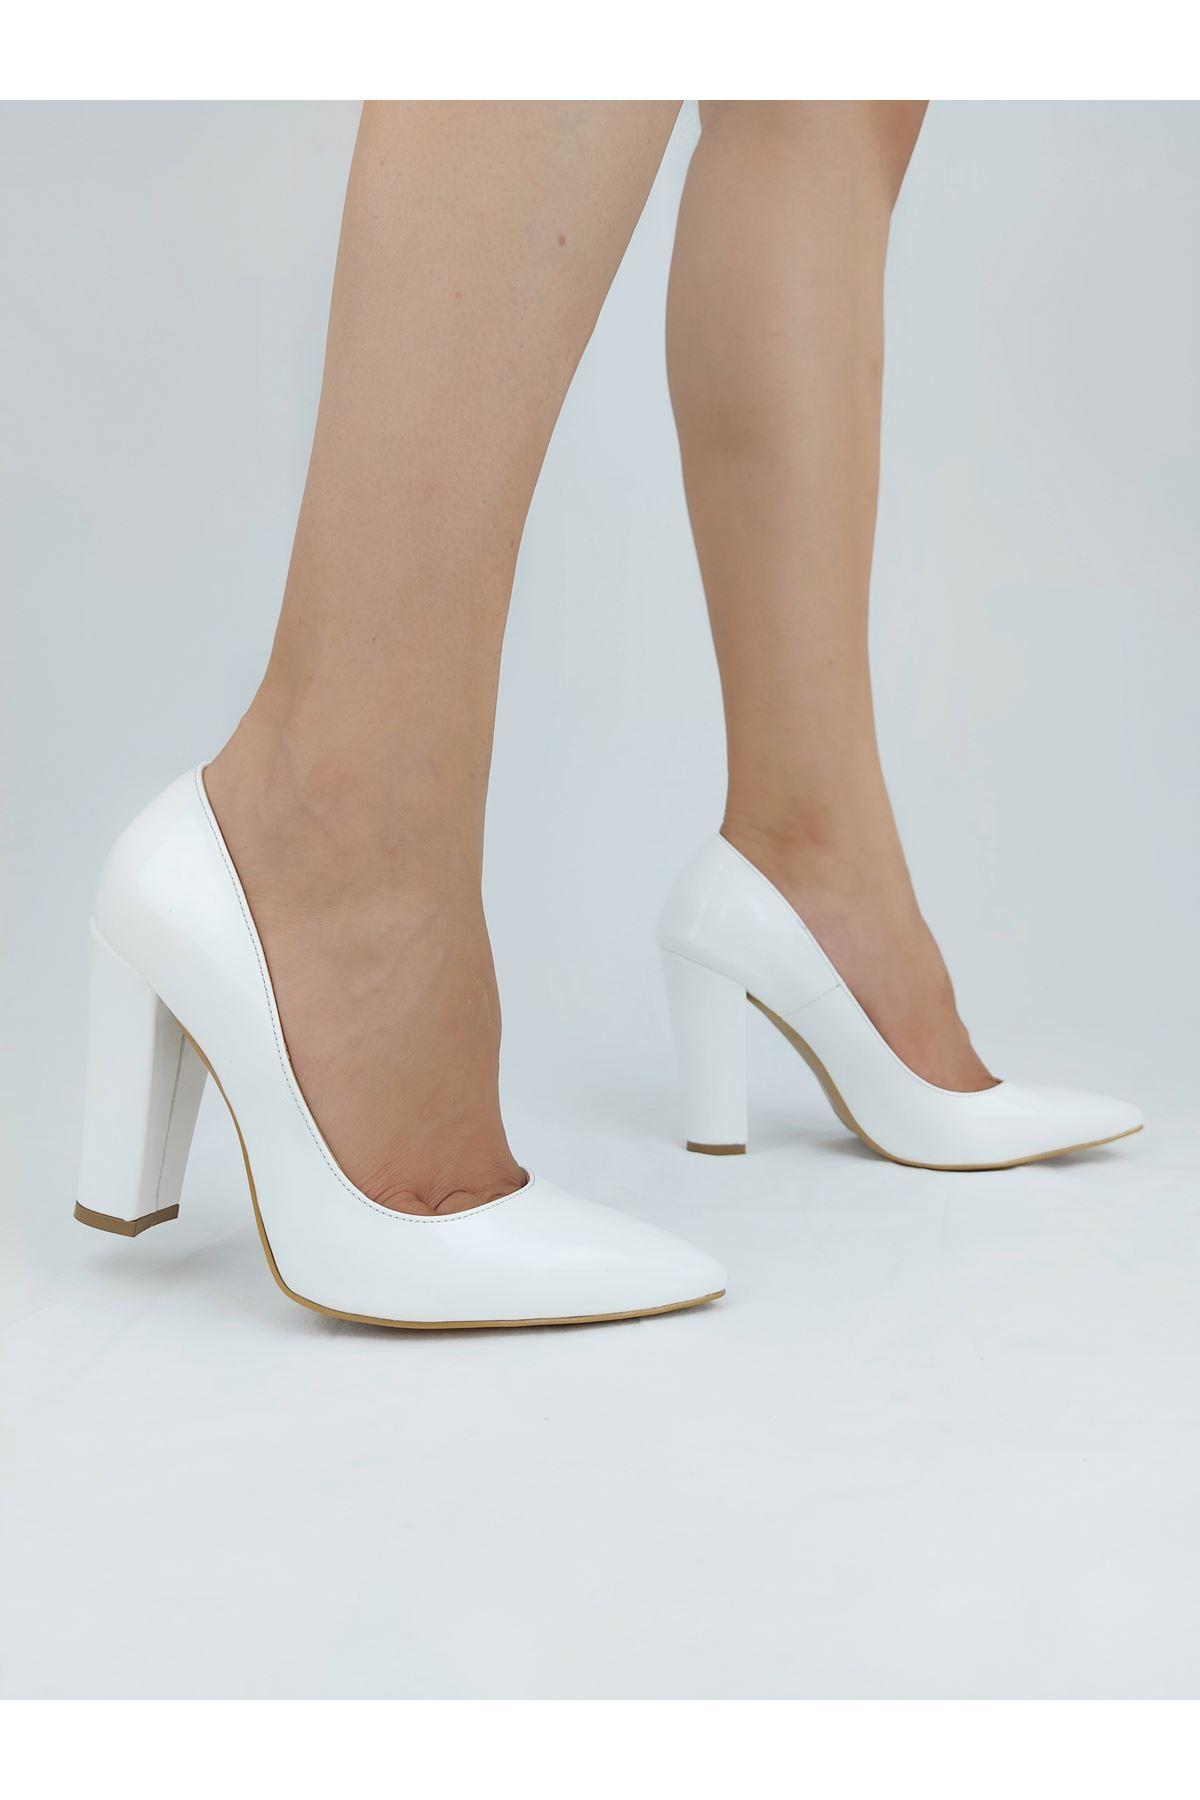 Tokyo Beyaz Rugan Kalın Topuklu Stiletto